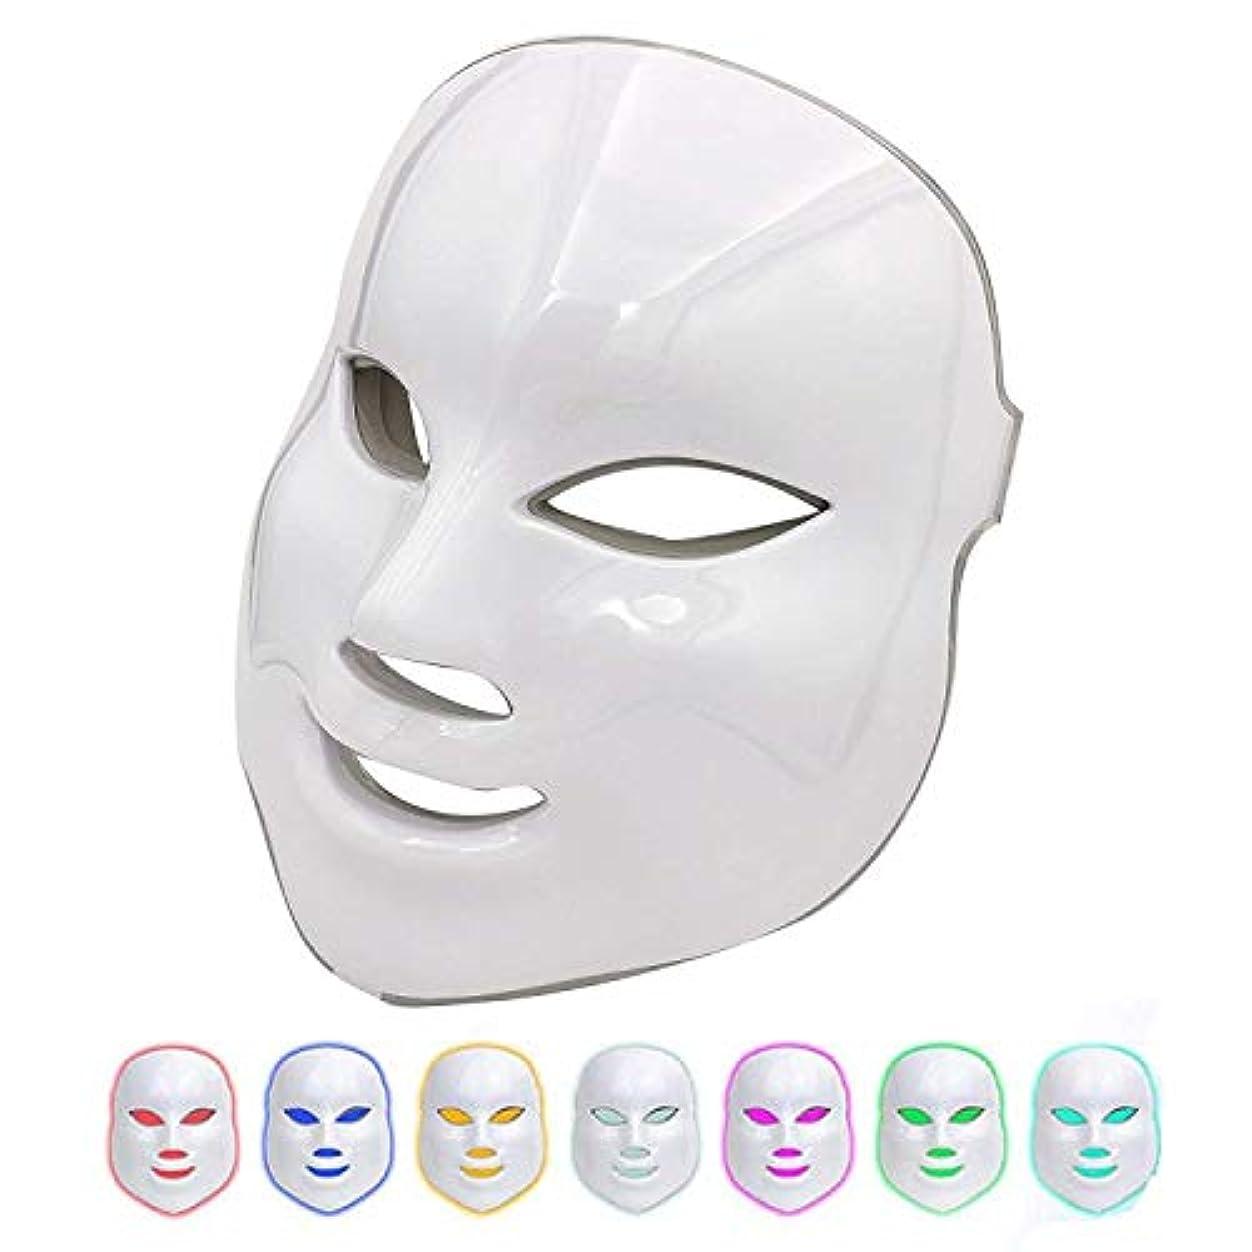 スケート積分竜巻美容マスク7色ledライト光子療法にきび跡除去アンチエイジング肌の若返りフェイシャルケアフェイシャルトーンデバイス